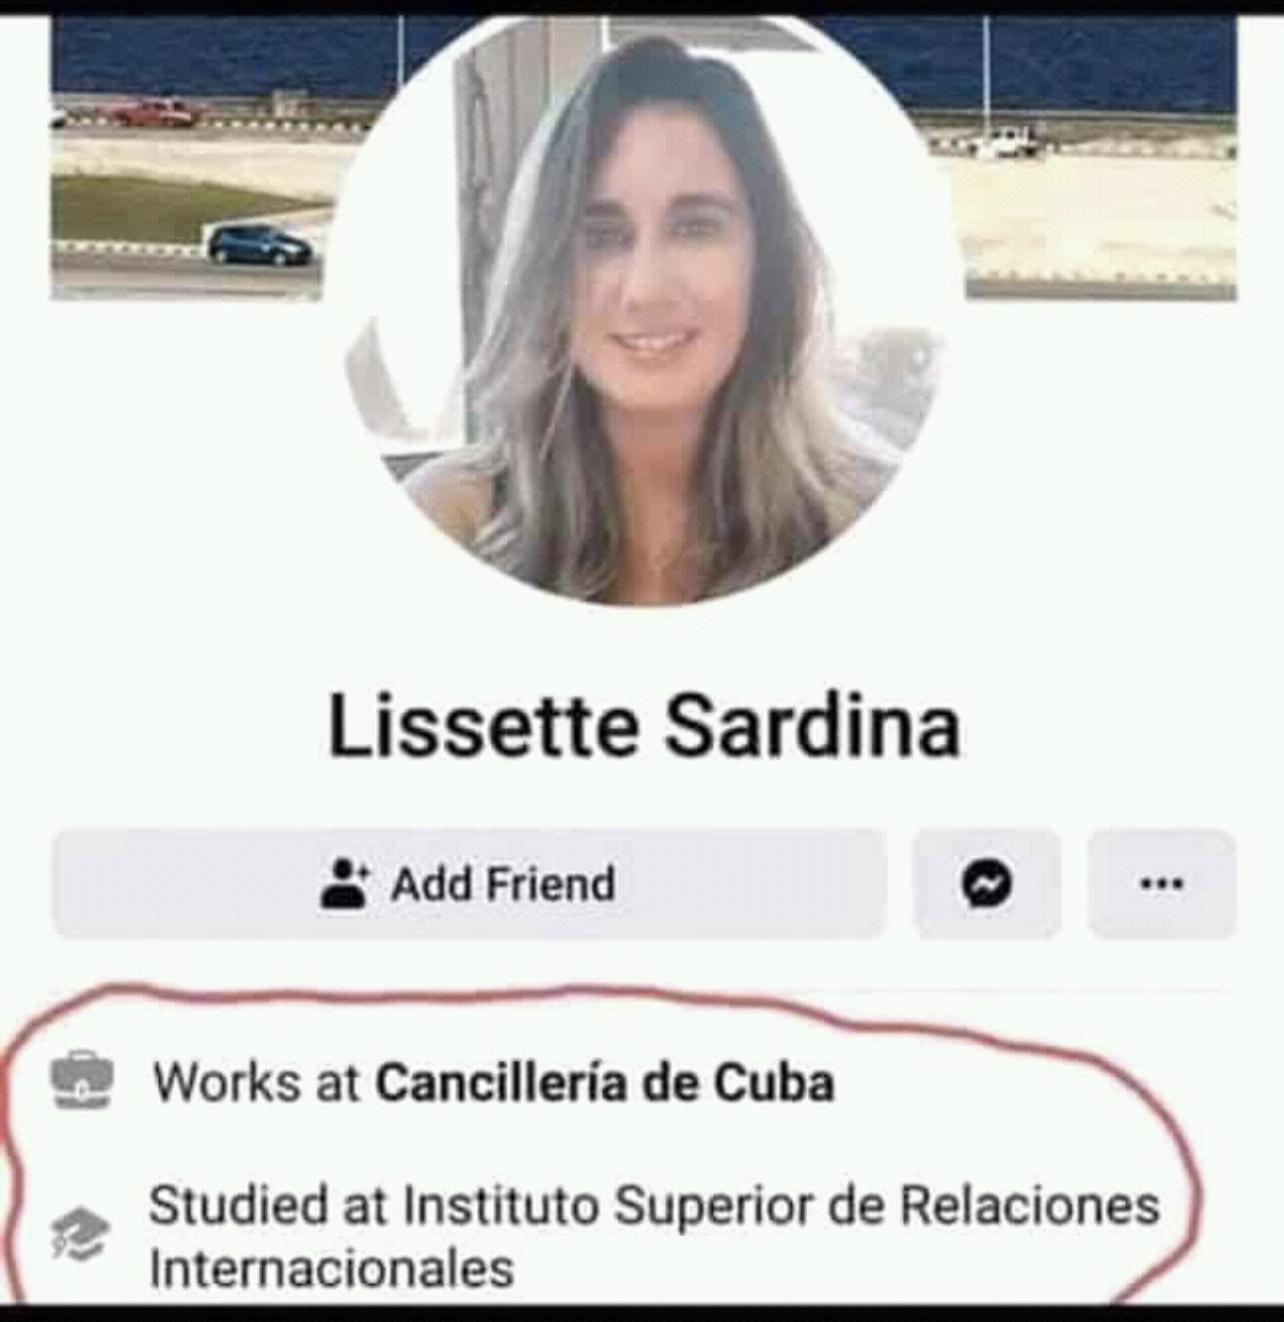 Lissette Sardina